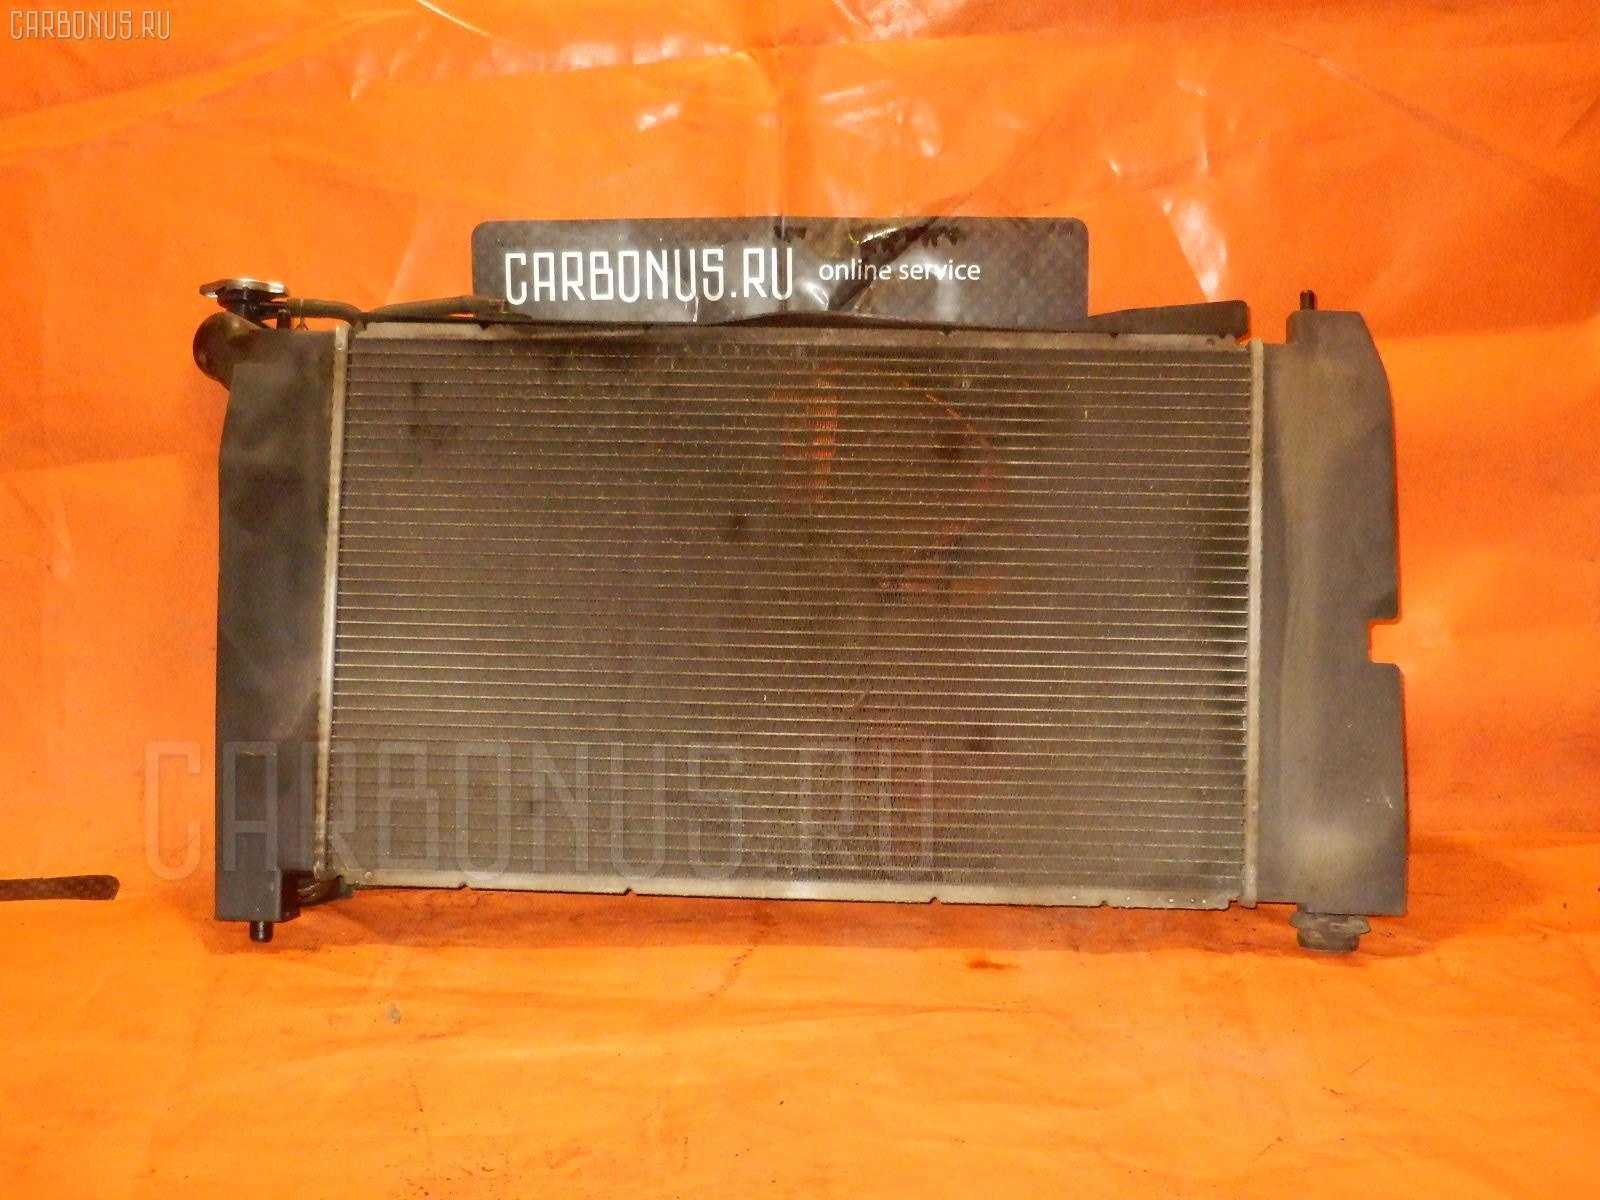 Радиатор ДВС TOYOTA COROLLA FIELDER ZZE122 1ZZ-FE Фото 1